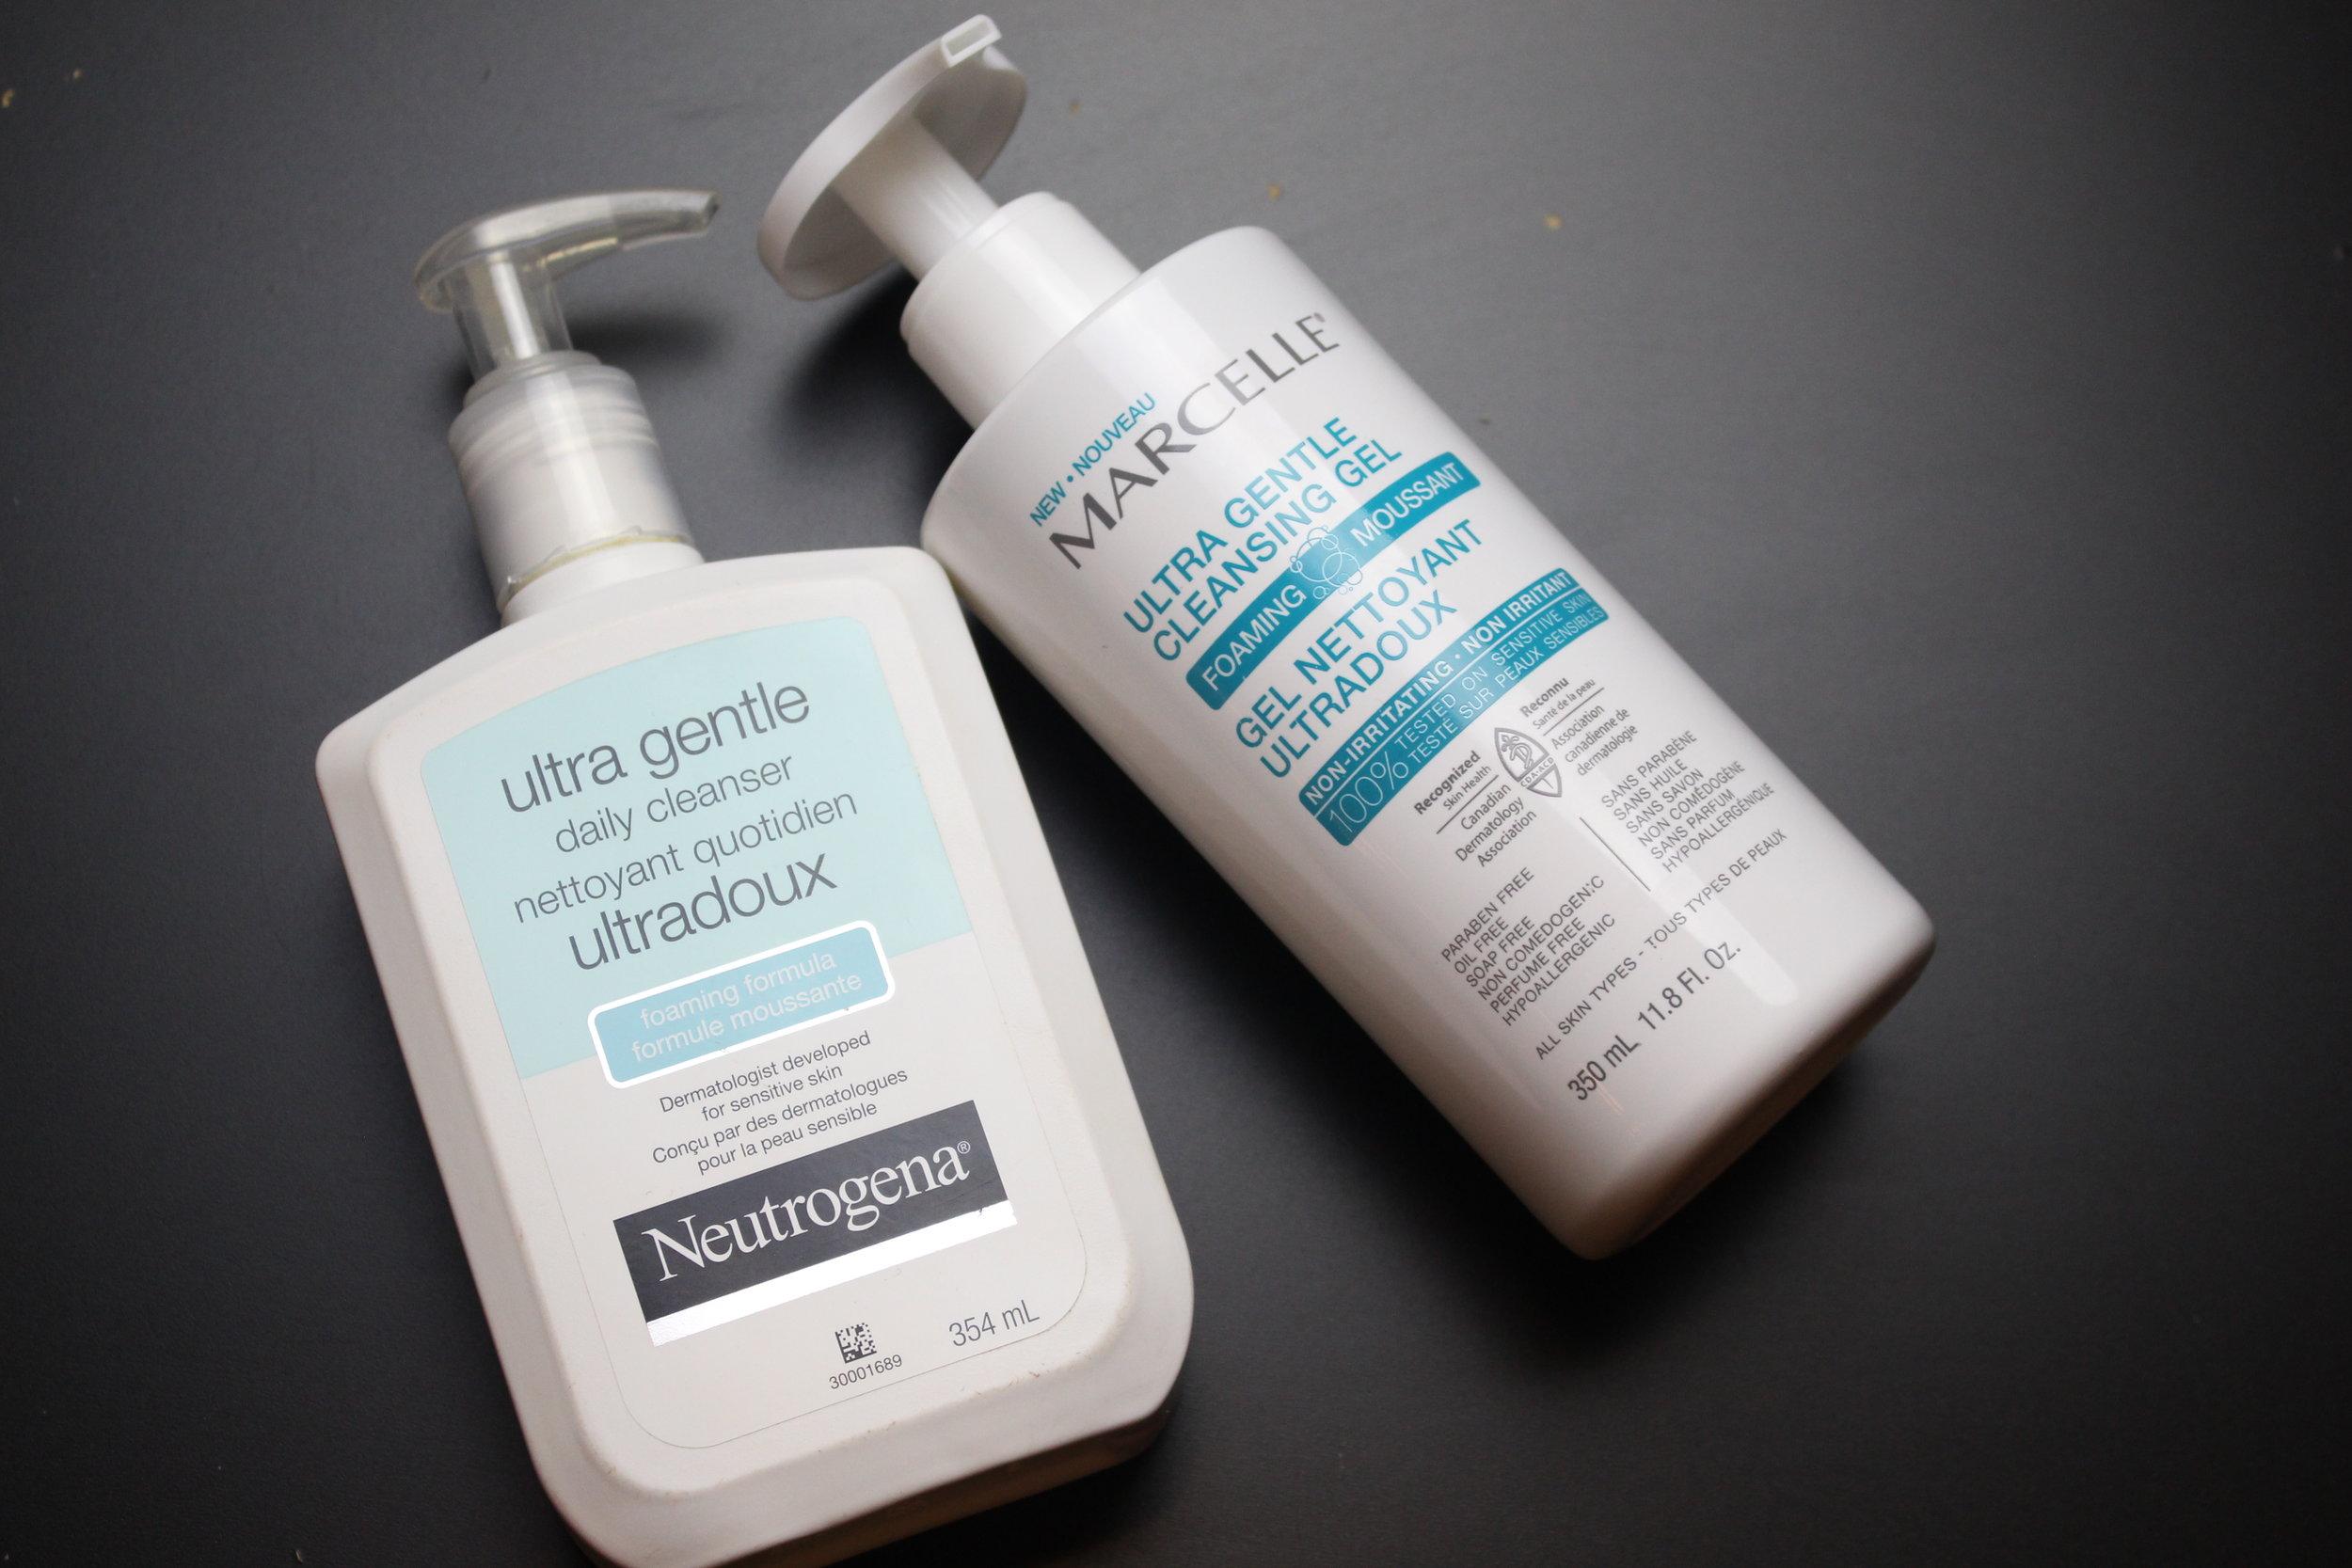 neutrogena gentle cleanser